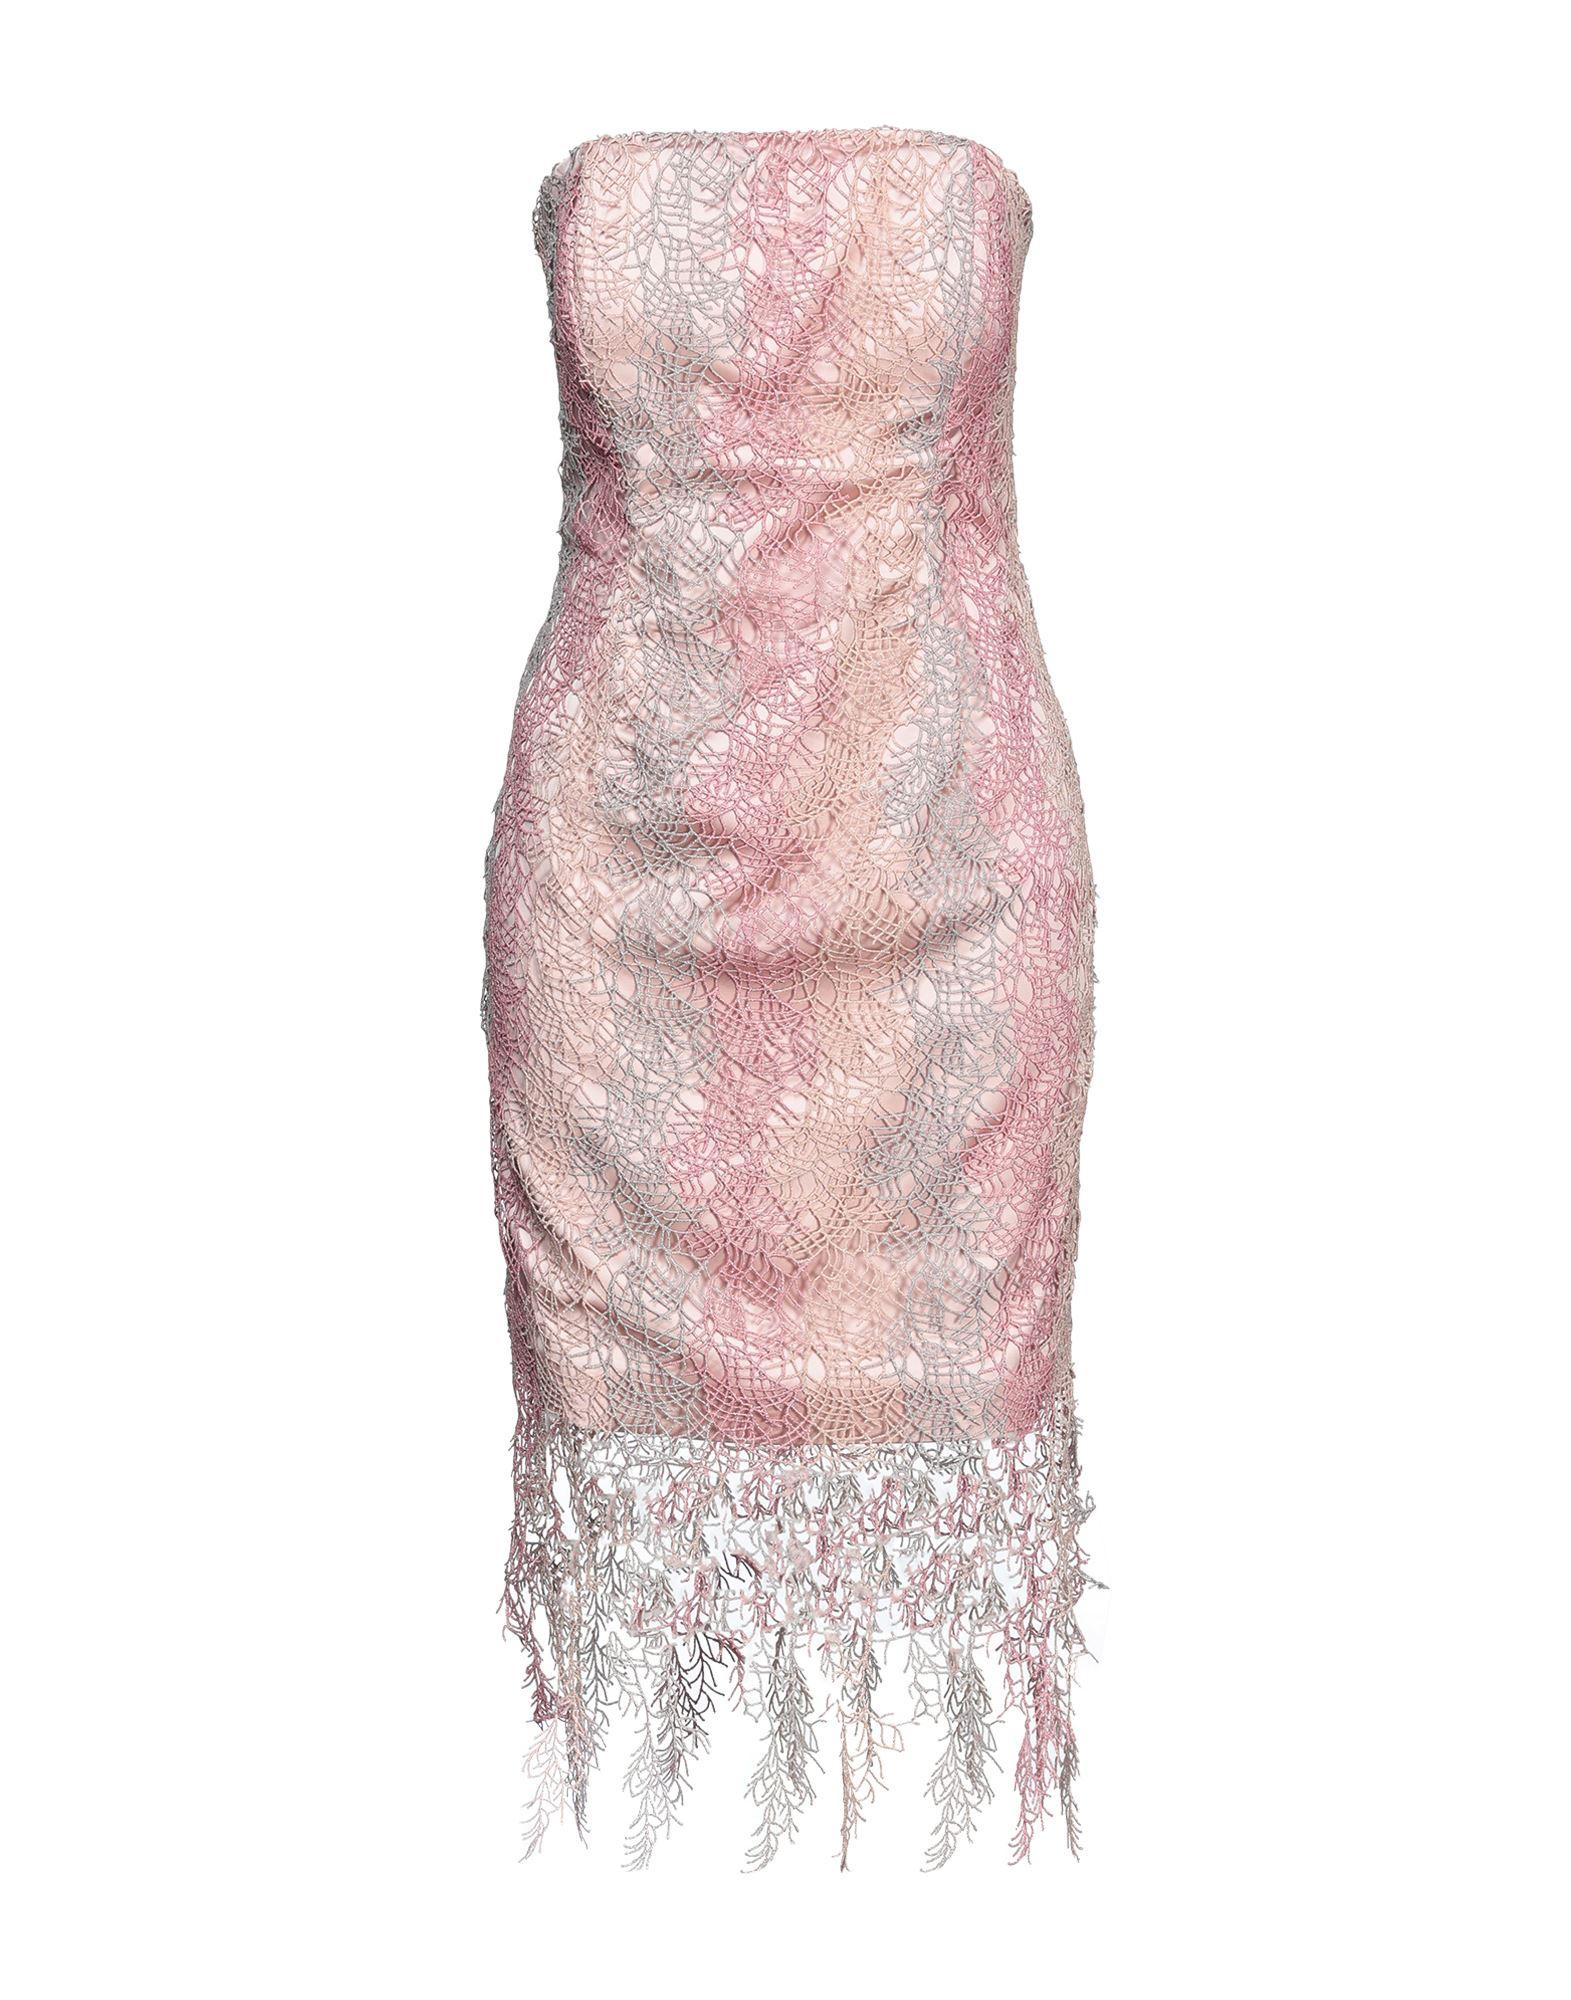 Фото - LES BOURDELLES DES GARÇONS Платье миди платье les bourdelles des garçons les bourdelles des garçons le045ewbzcm5